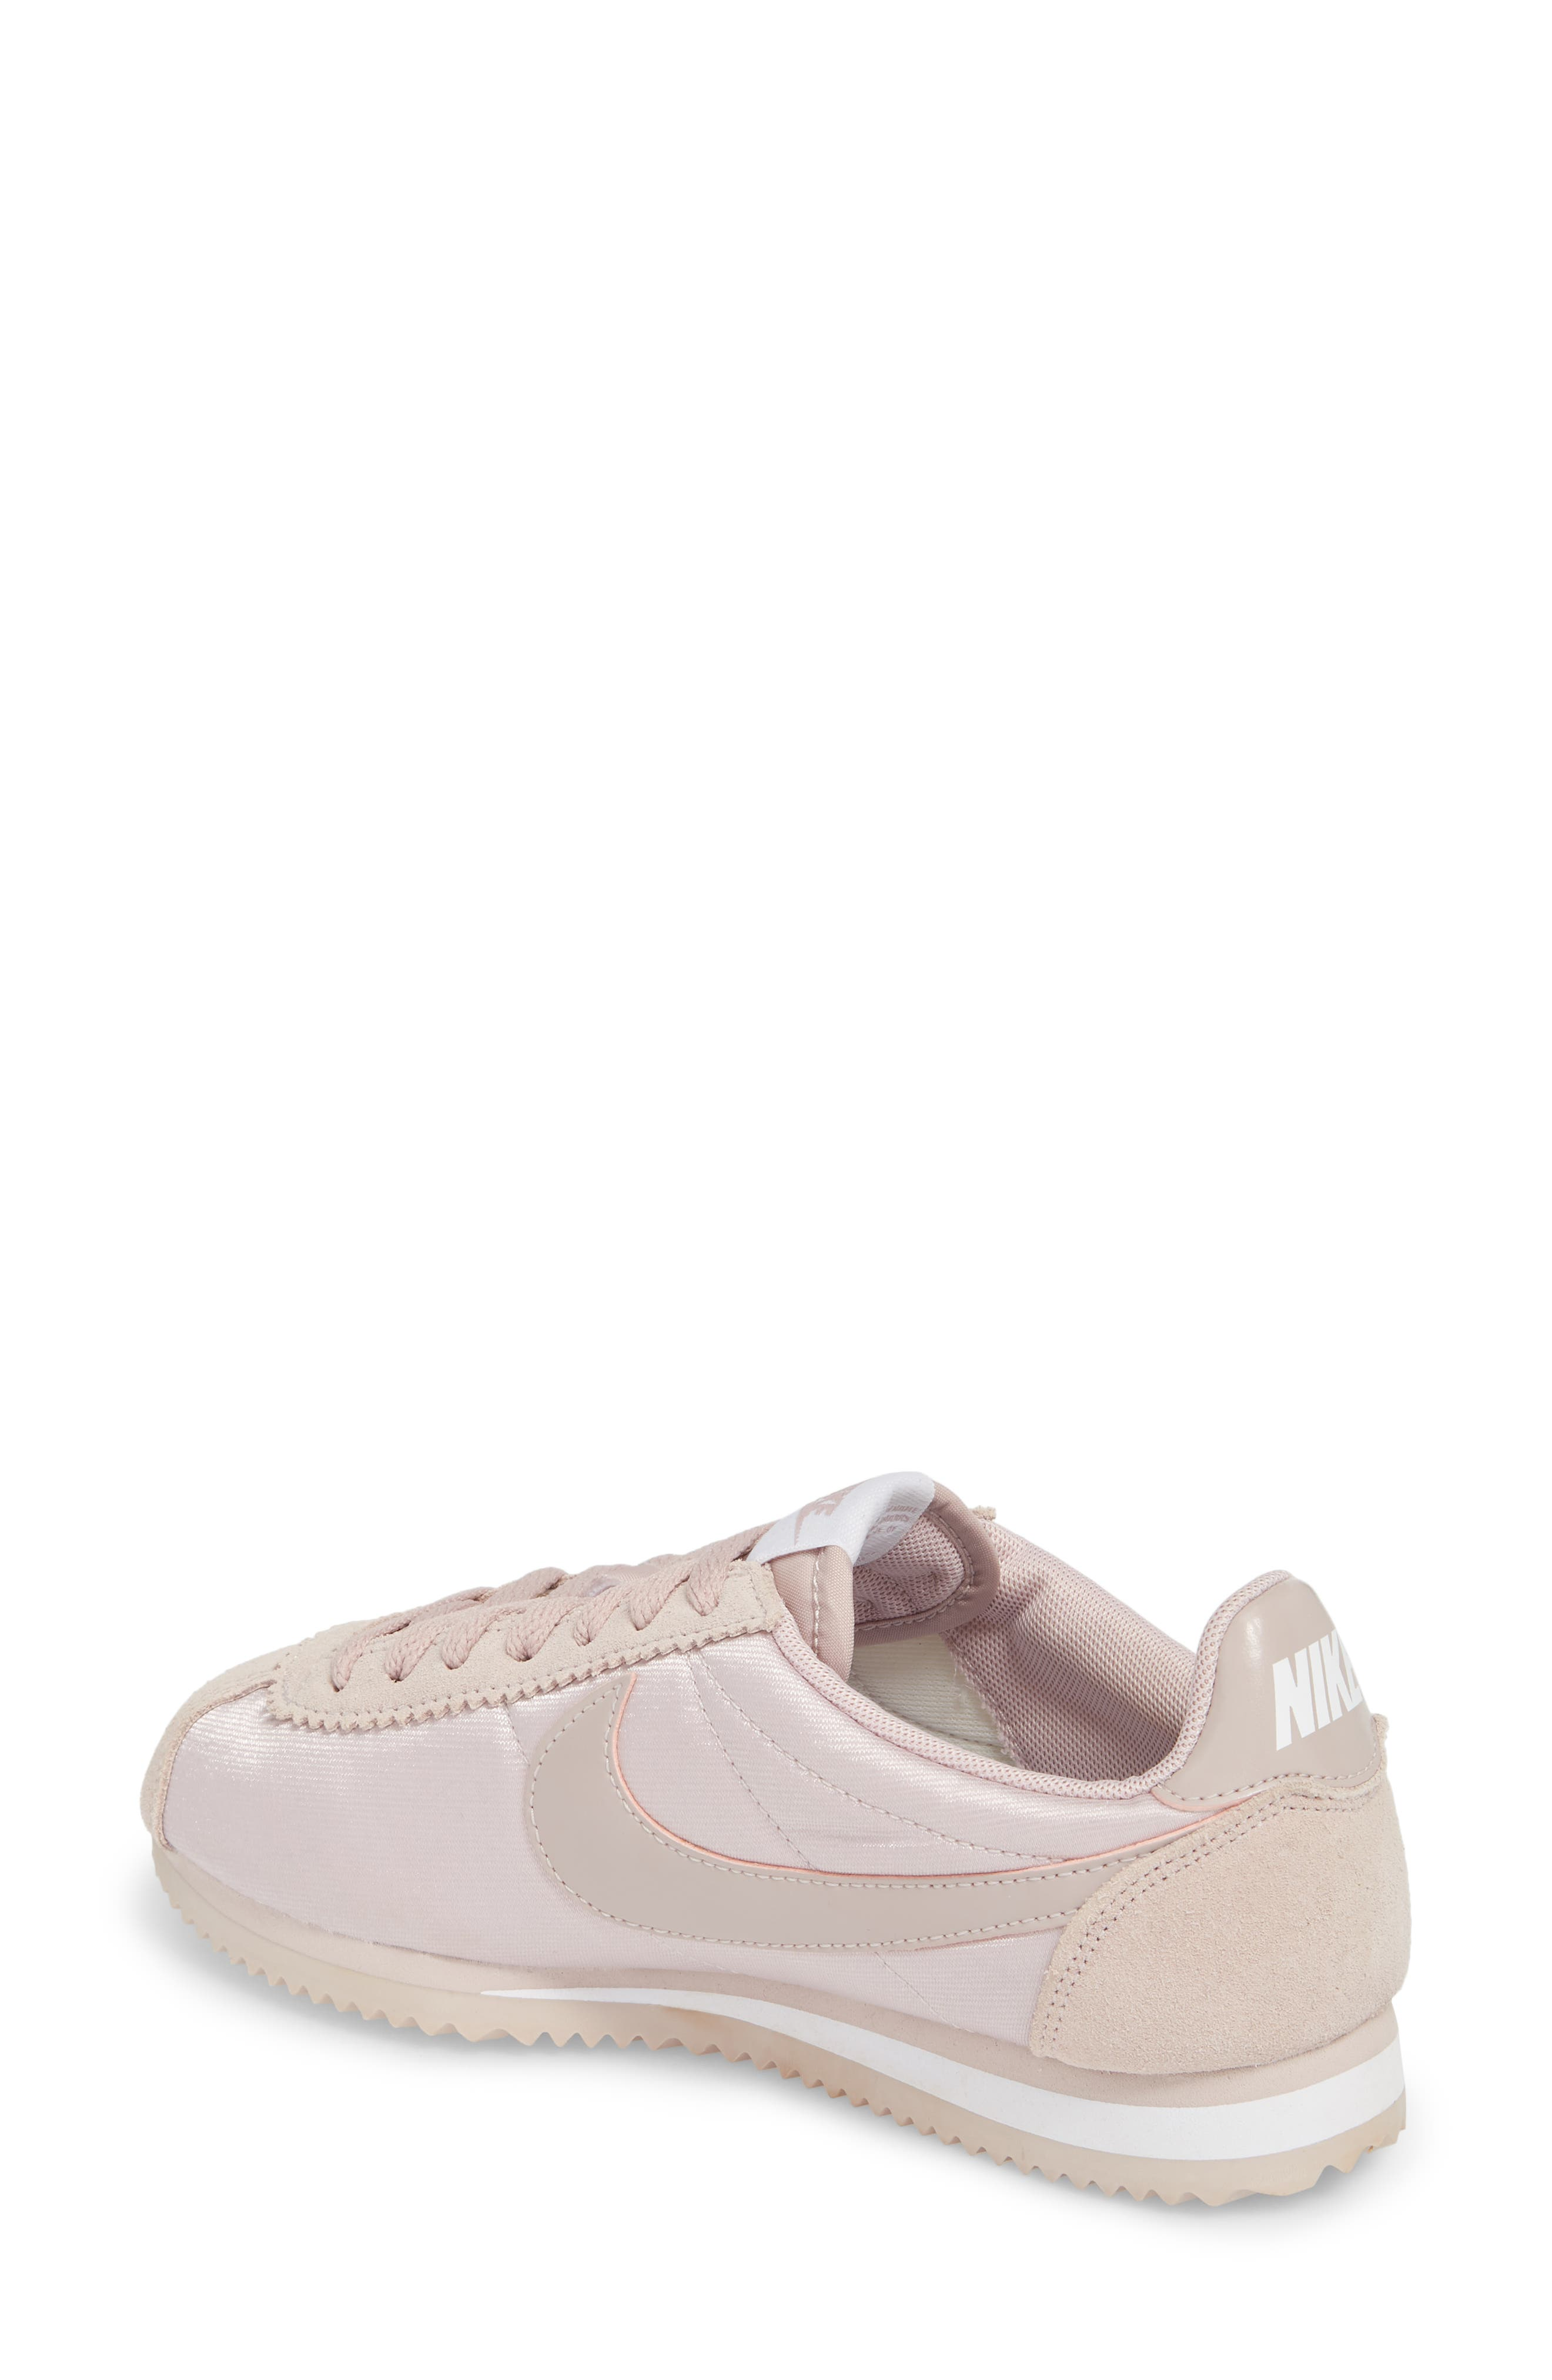 'Classic Cortez' Sneaker,                             Alternate thumbnail 7, color,